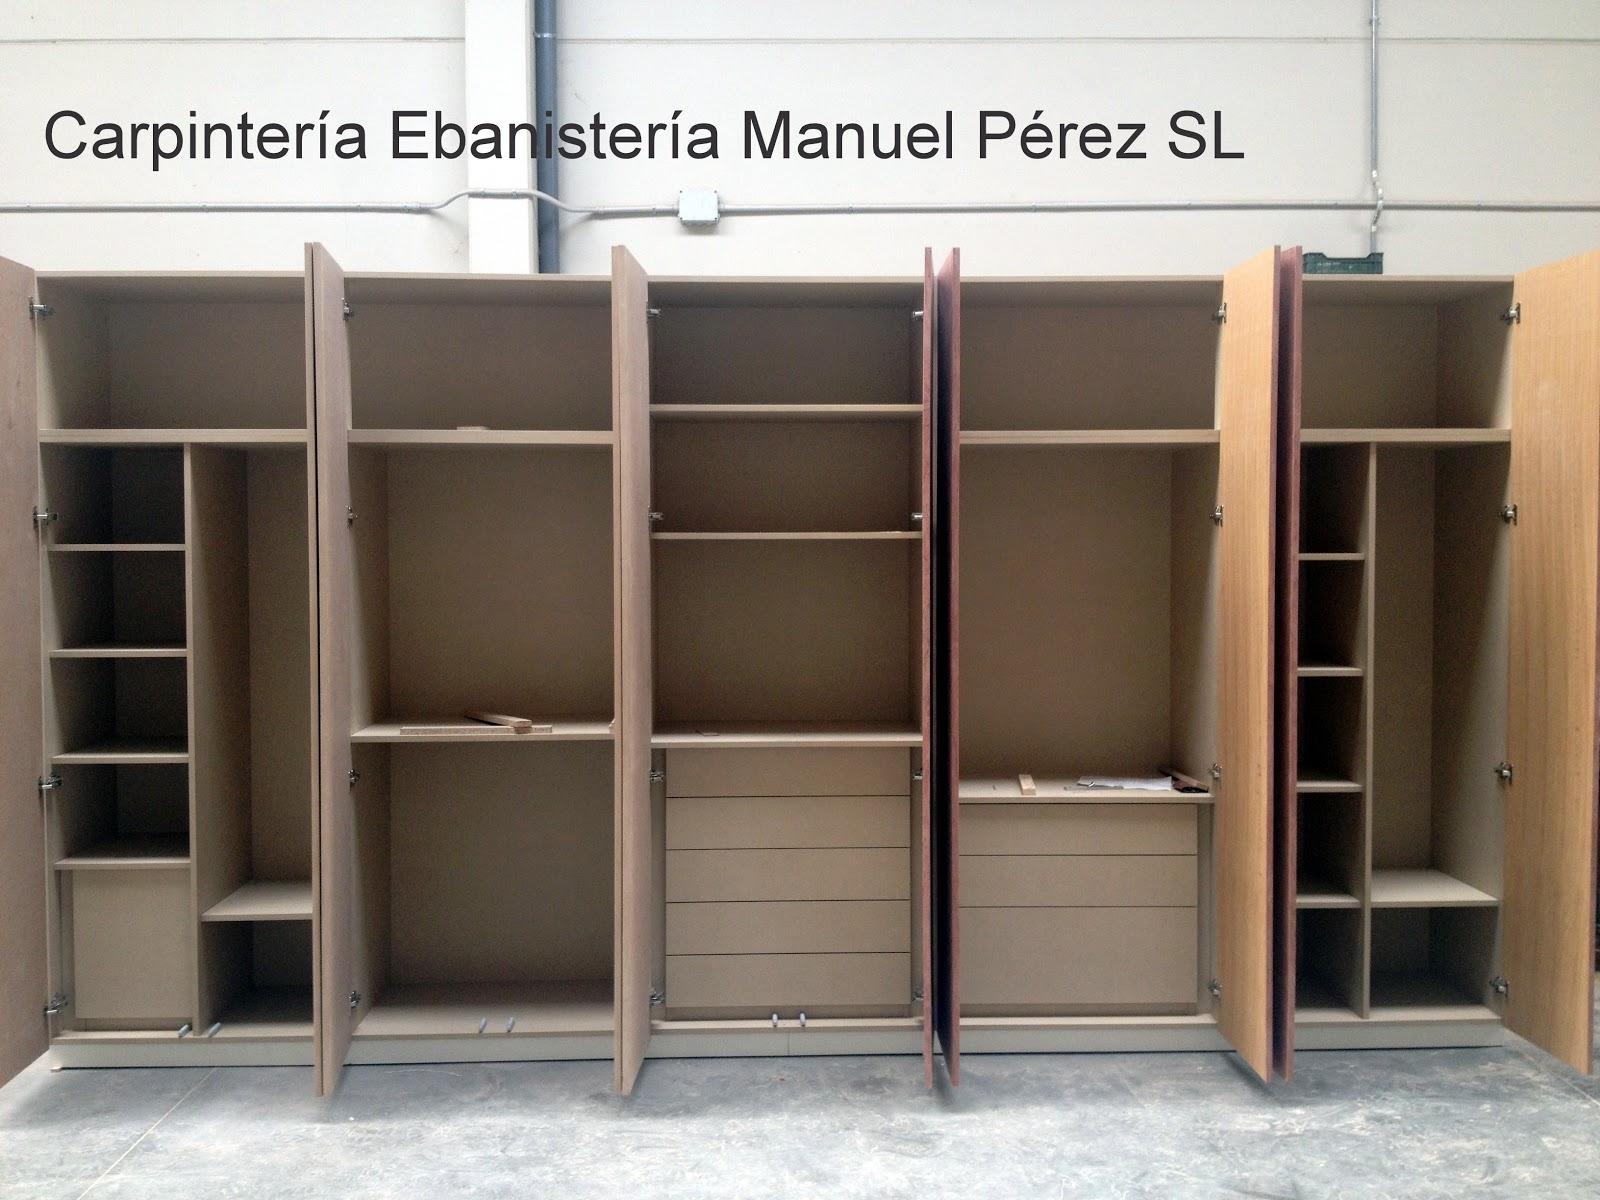 Ebanisteria carpinteria manuel perez zaragoza armario a medida en dos colores con hueco - Armarios a medida en zaragoza ...